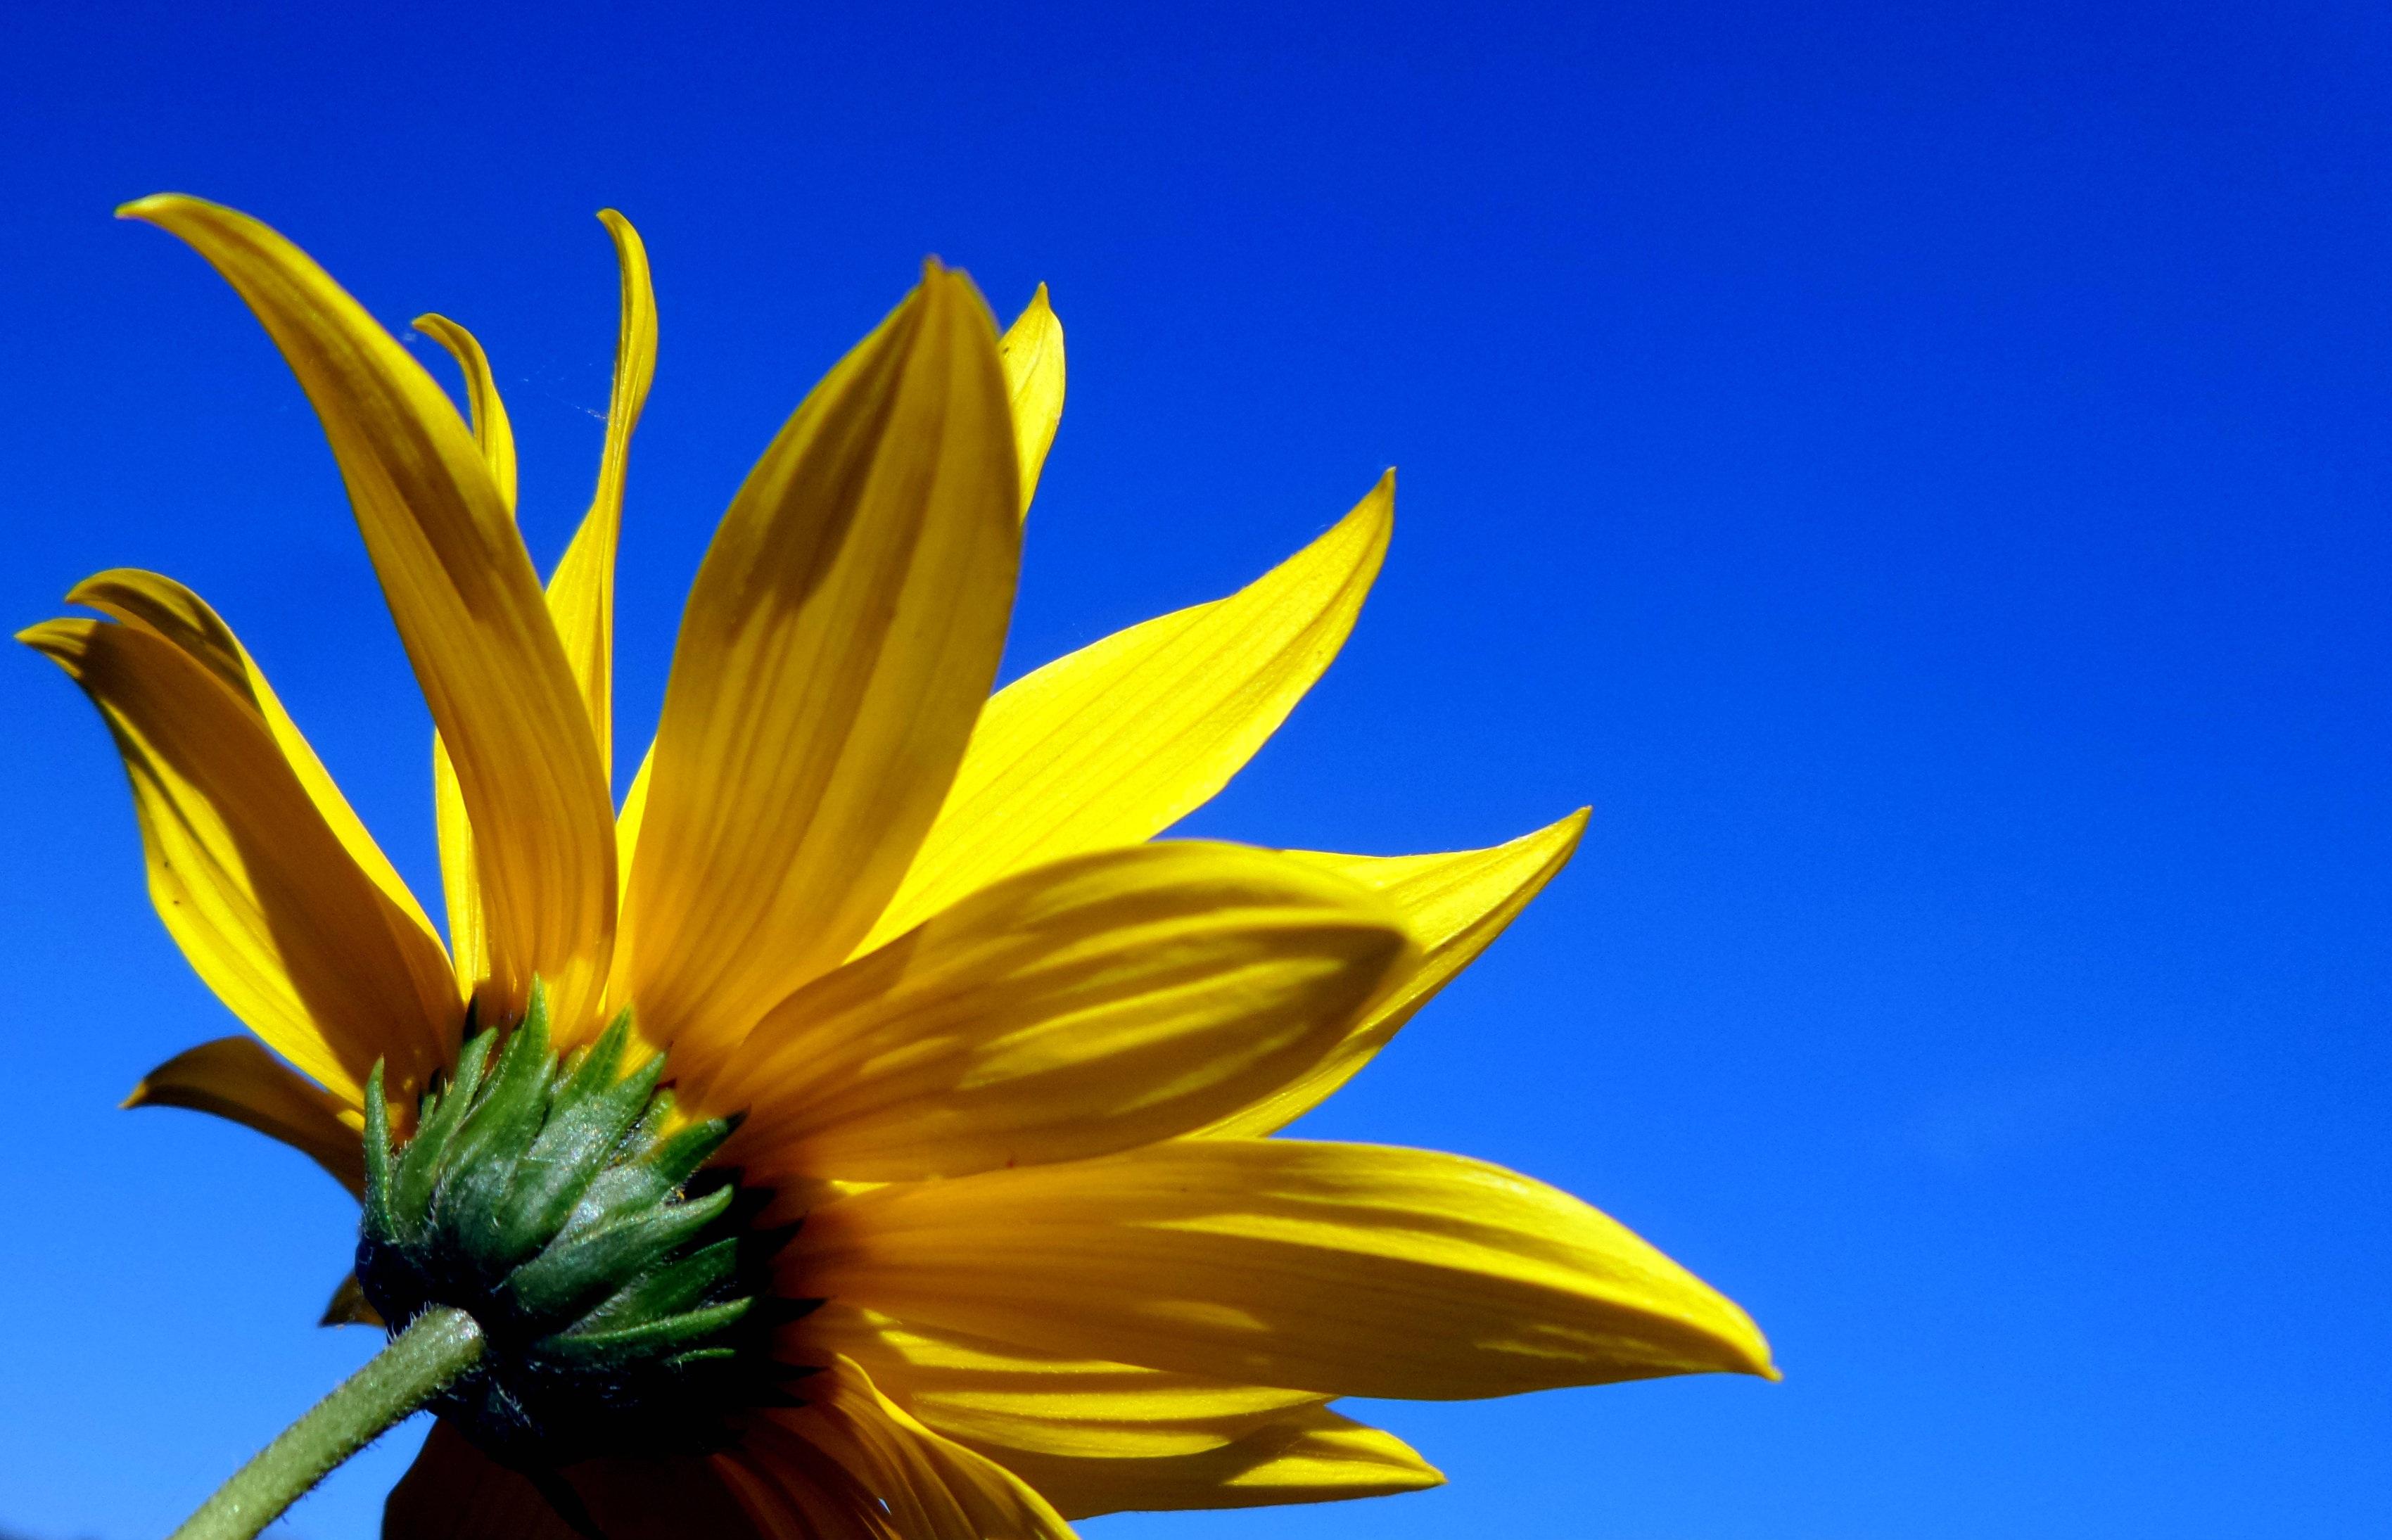 Free Images Sunlight Leaf Petal Summer Flora Sunflower